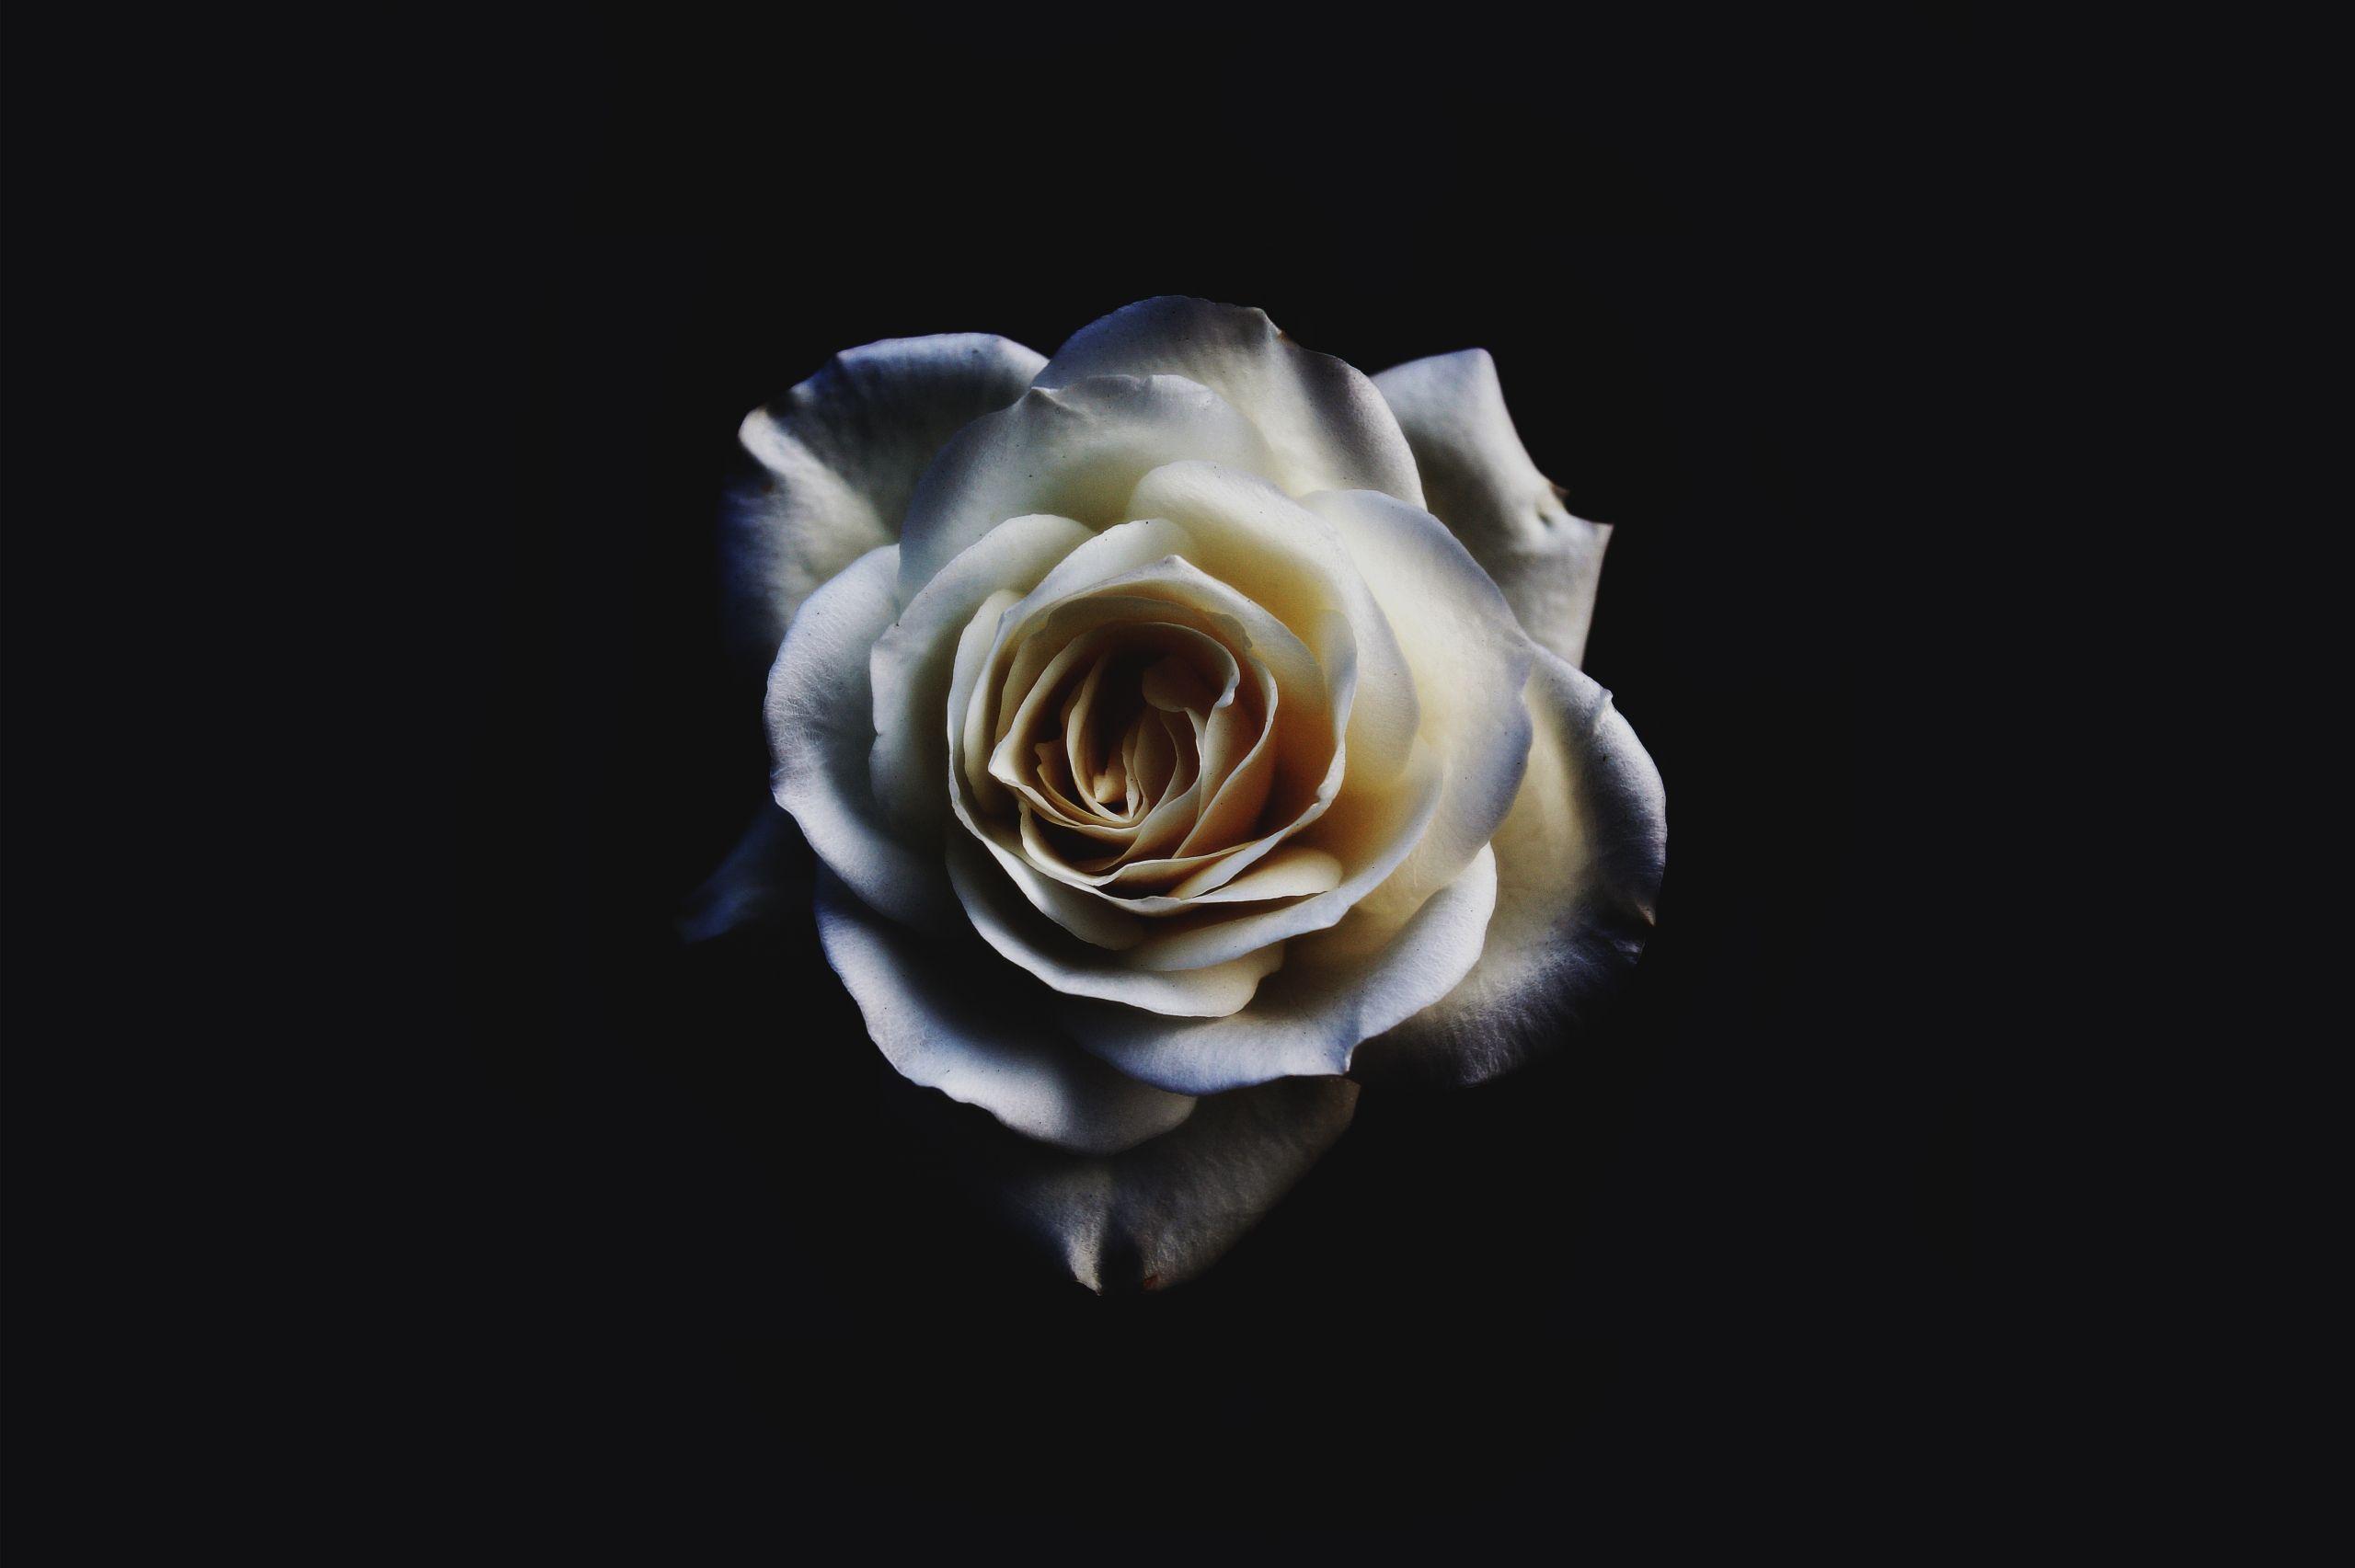 صور ورد جميل صور ورد رومانسى HD 2020 معلومات عن الورد 1